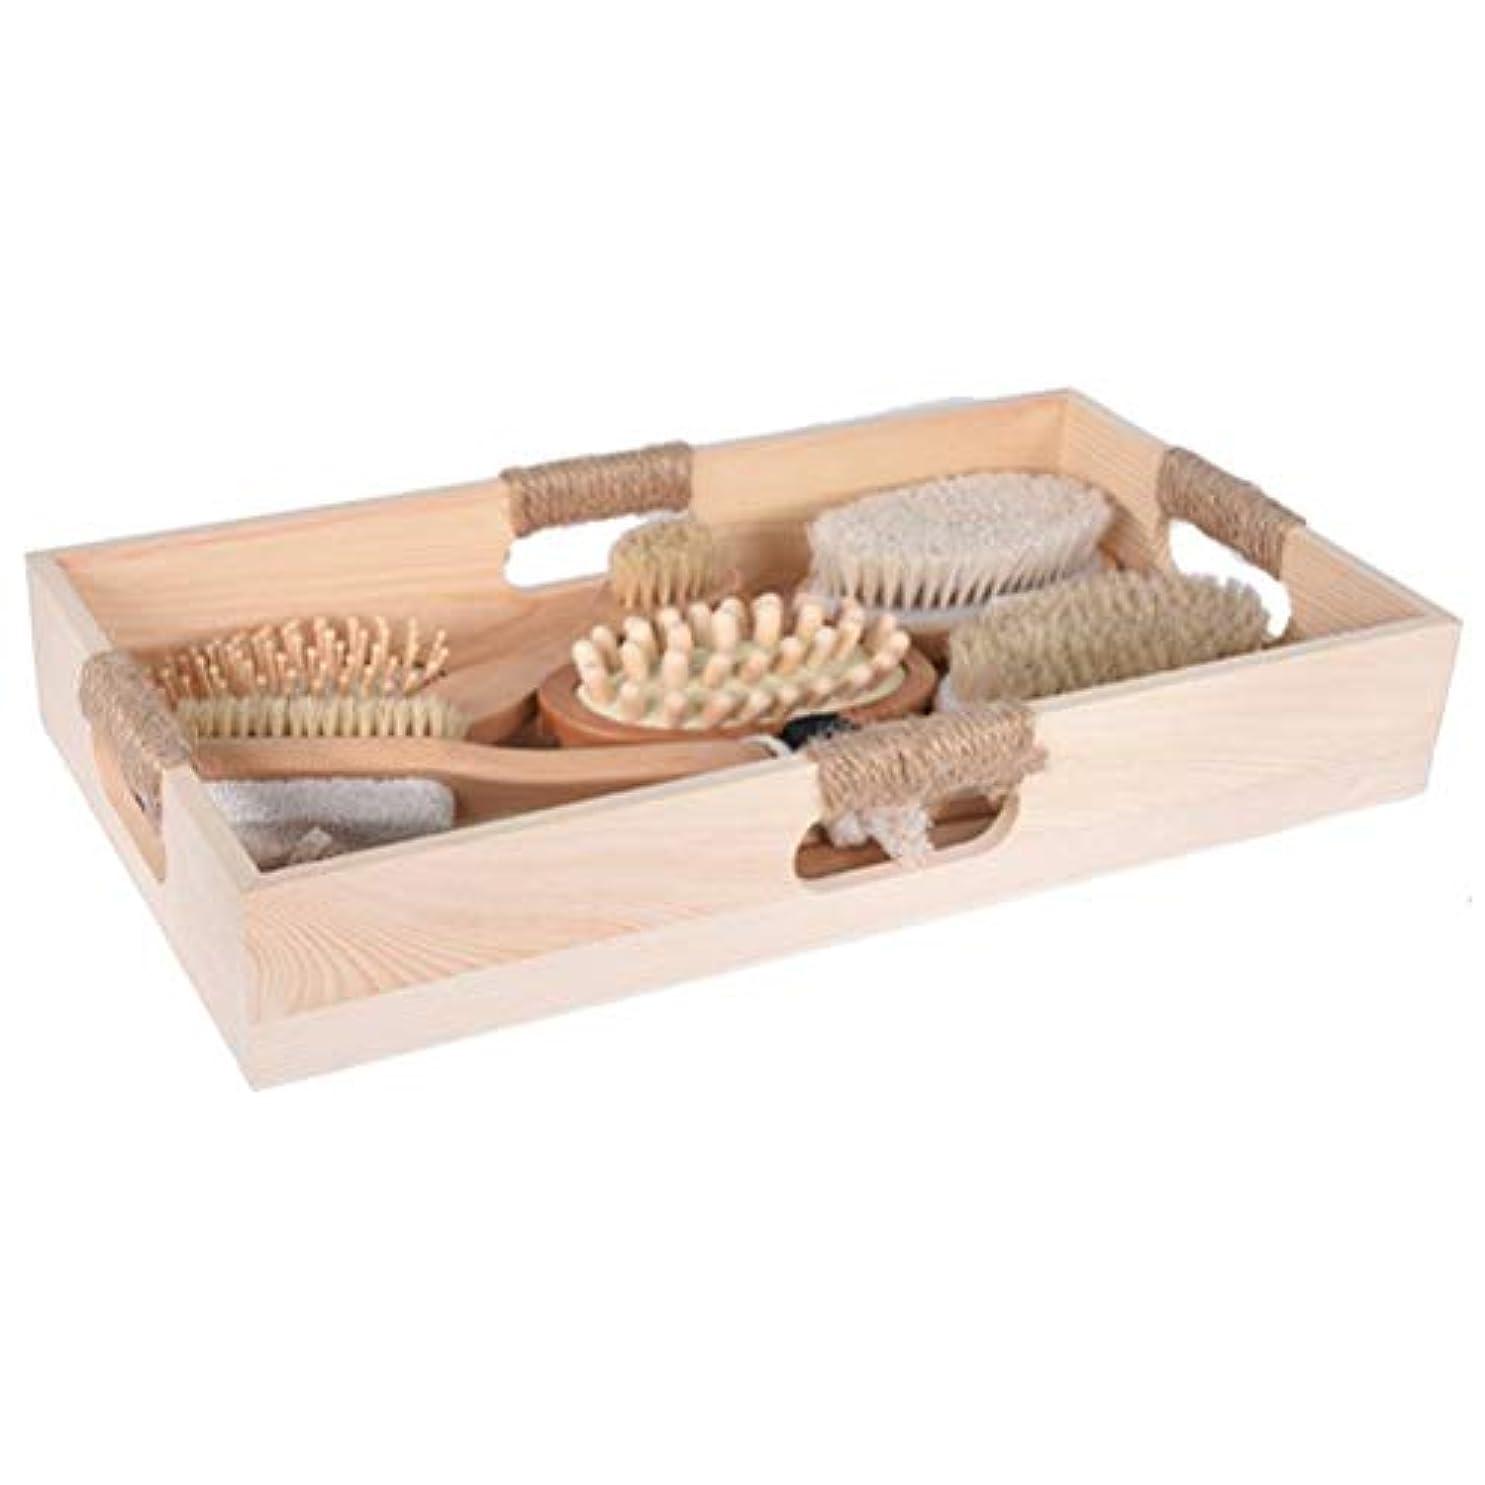 ばかストレスの多いマットHealifty 6ピース入浴ボディブラシマッサージブラシ木製ハンドルセルライトマッサージフットファイルブラシヘアマッサージ櫛で収納トレイ